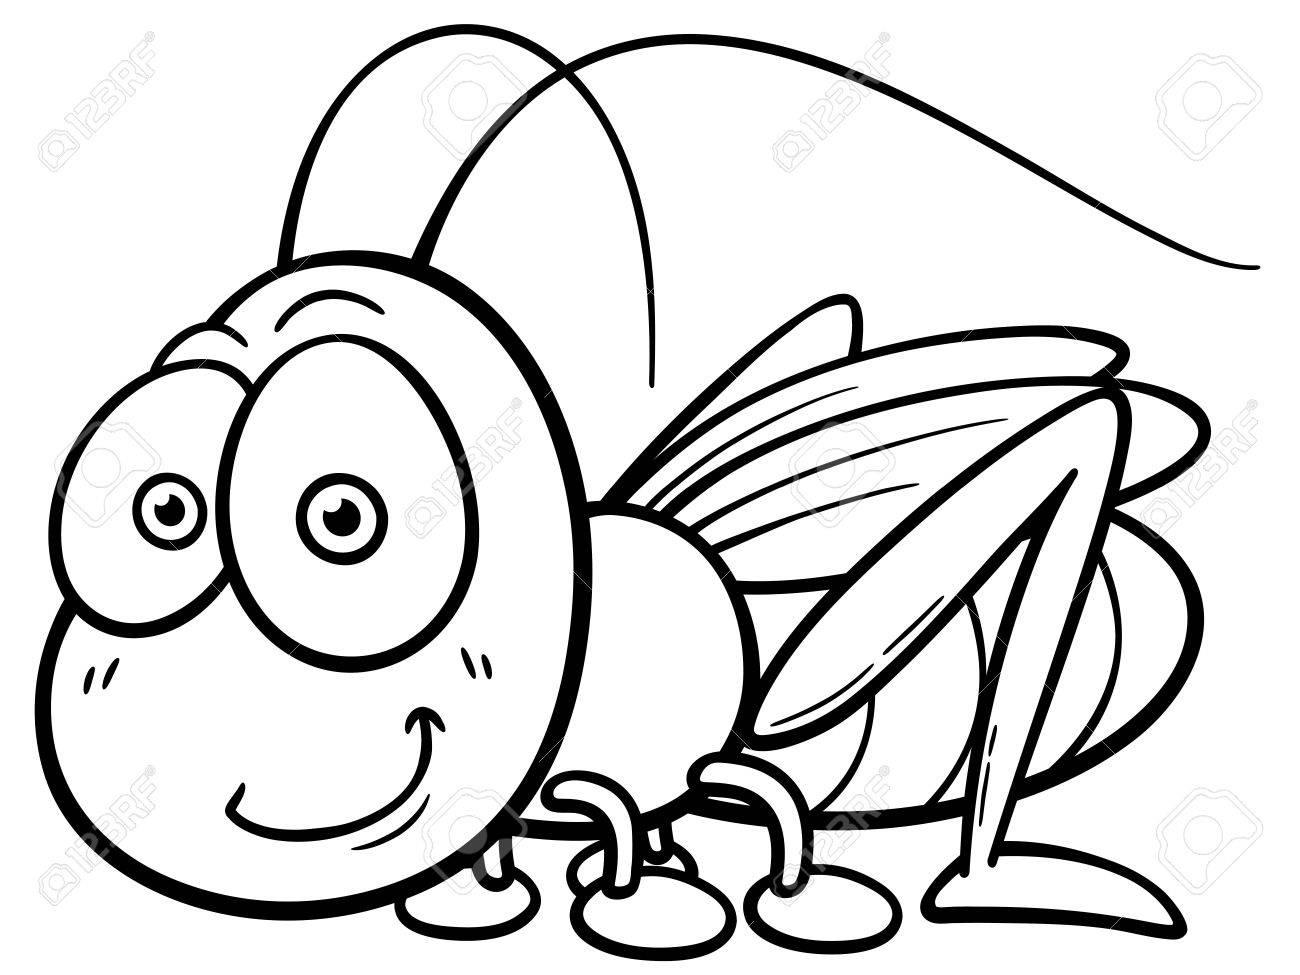 1300x975 Grasshopper Clipart Black White. Grasshopper Clipart Black